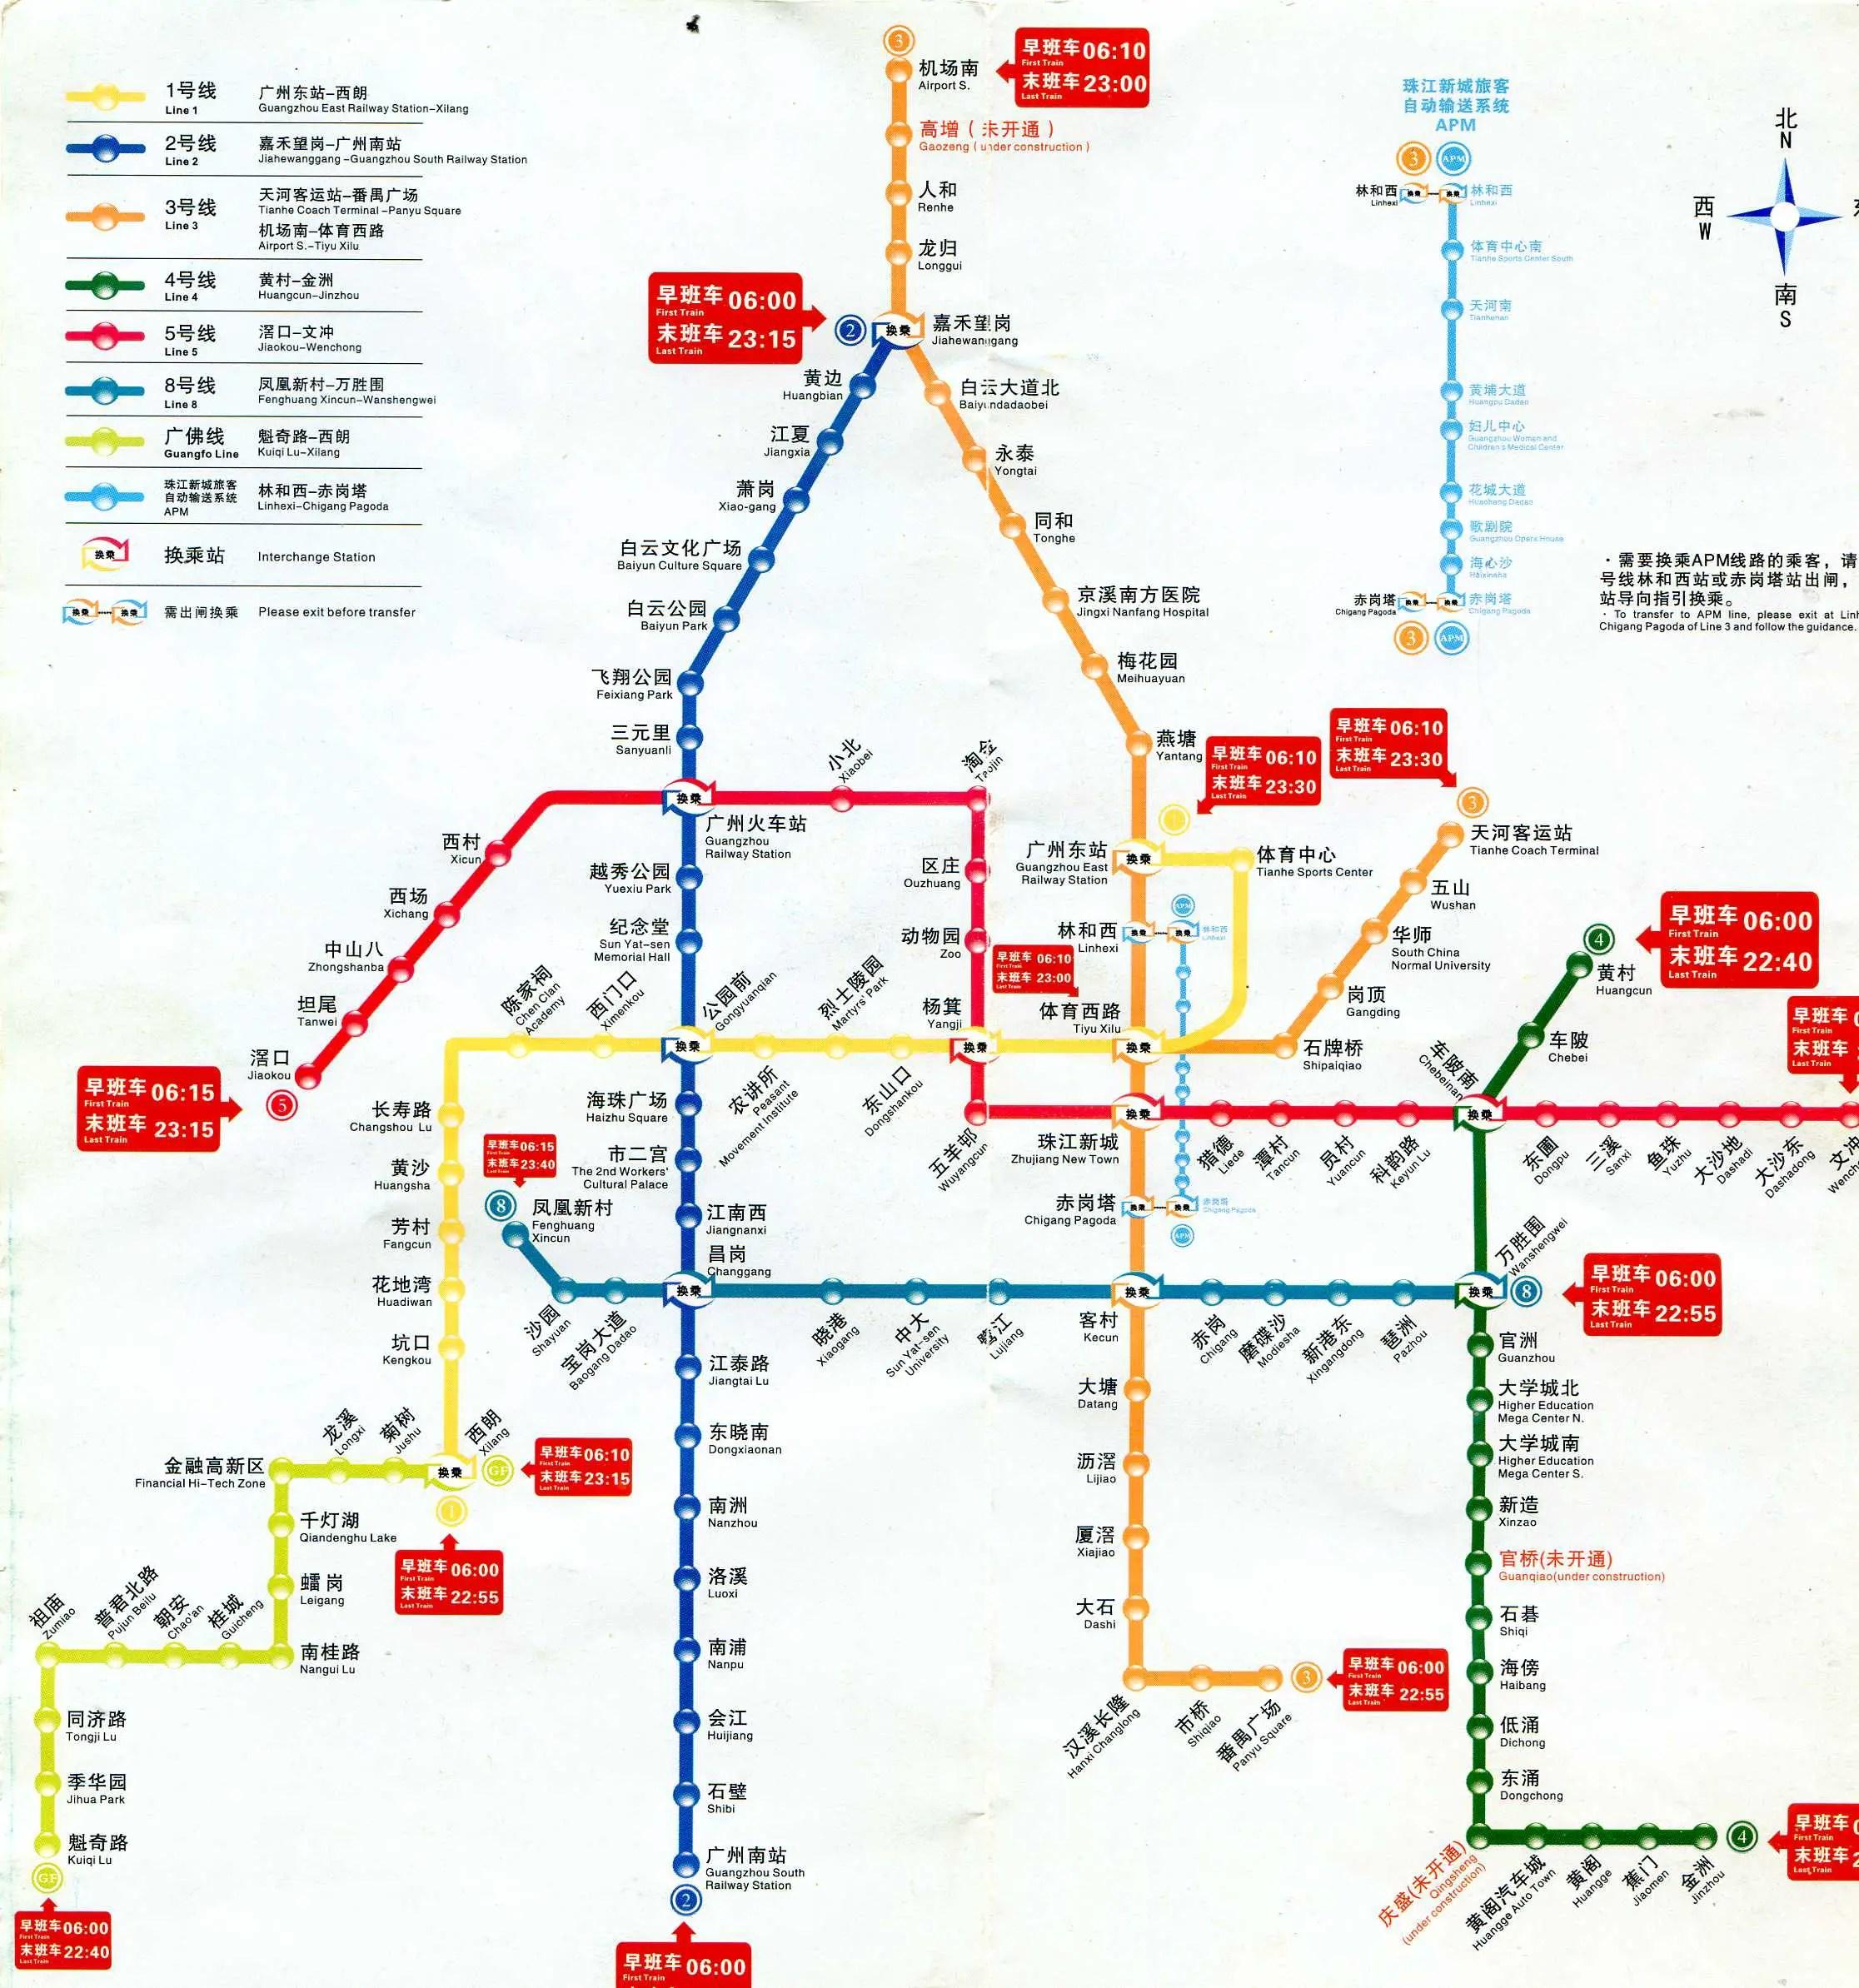 広州交通案內